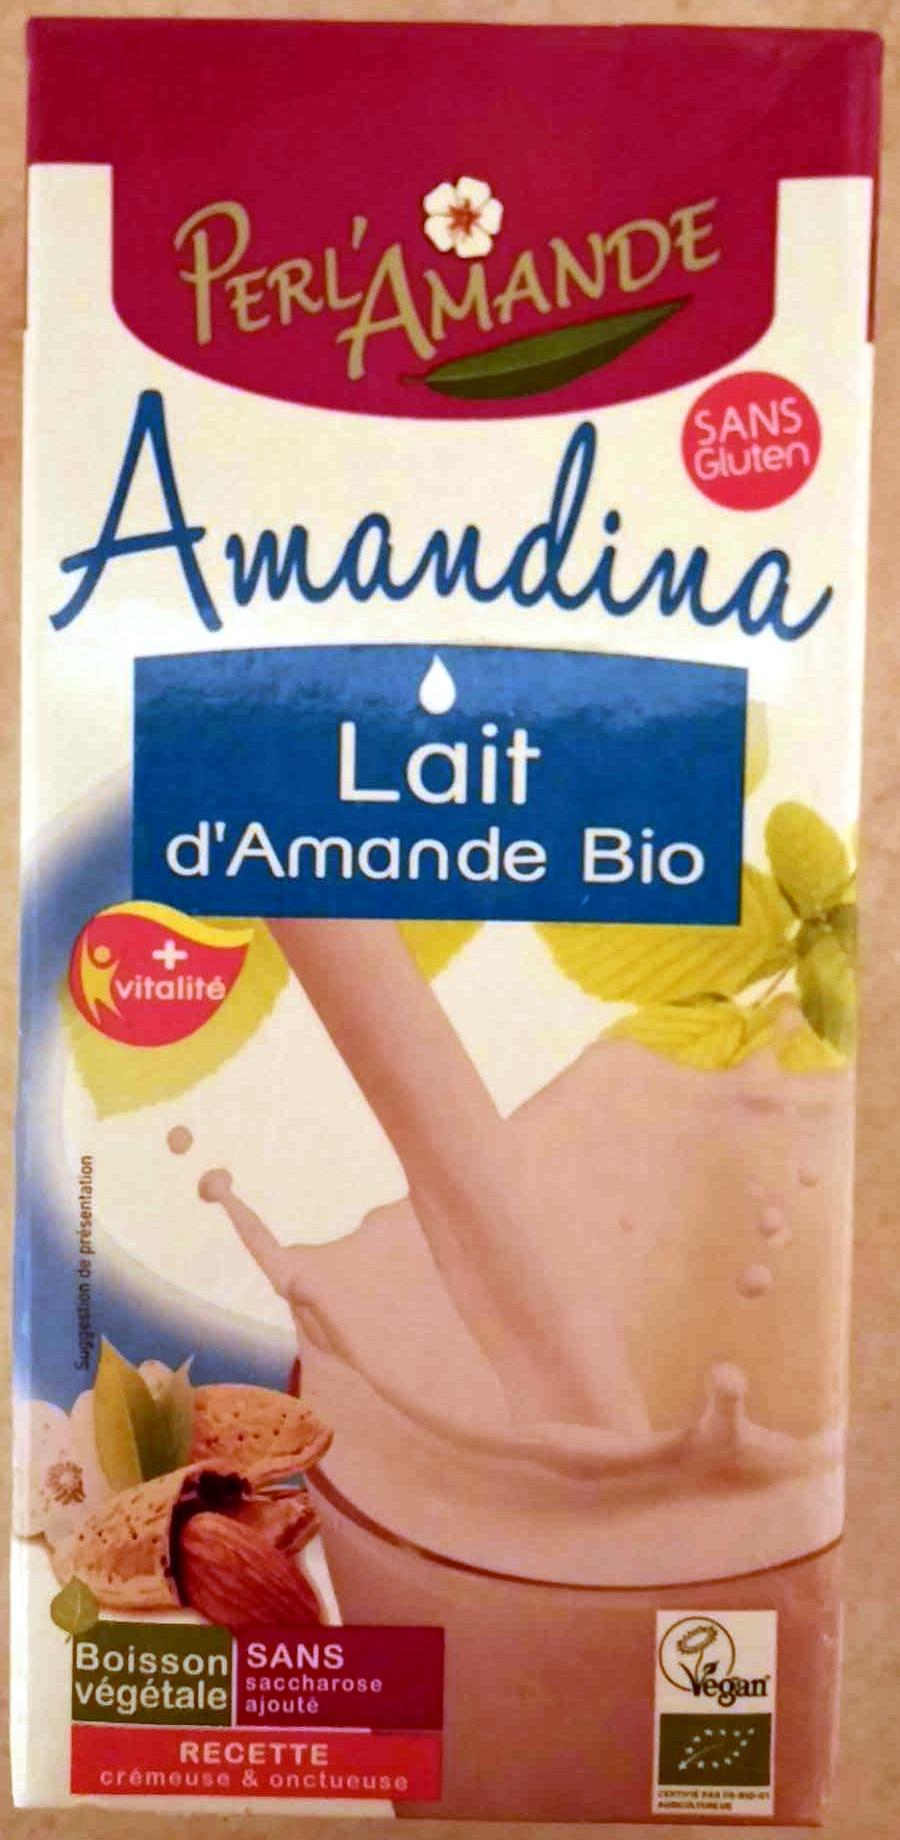 Amandina, Lait d'Amande Bio - Product